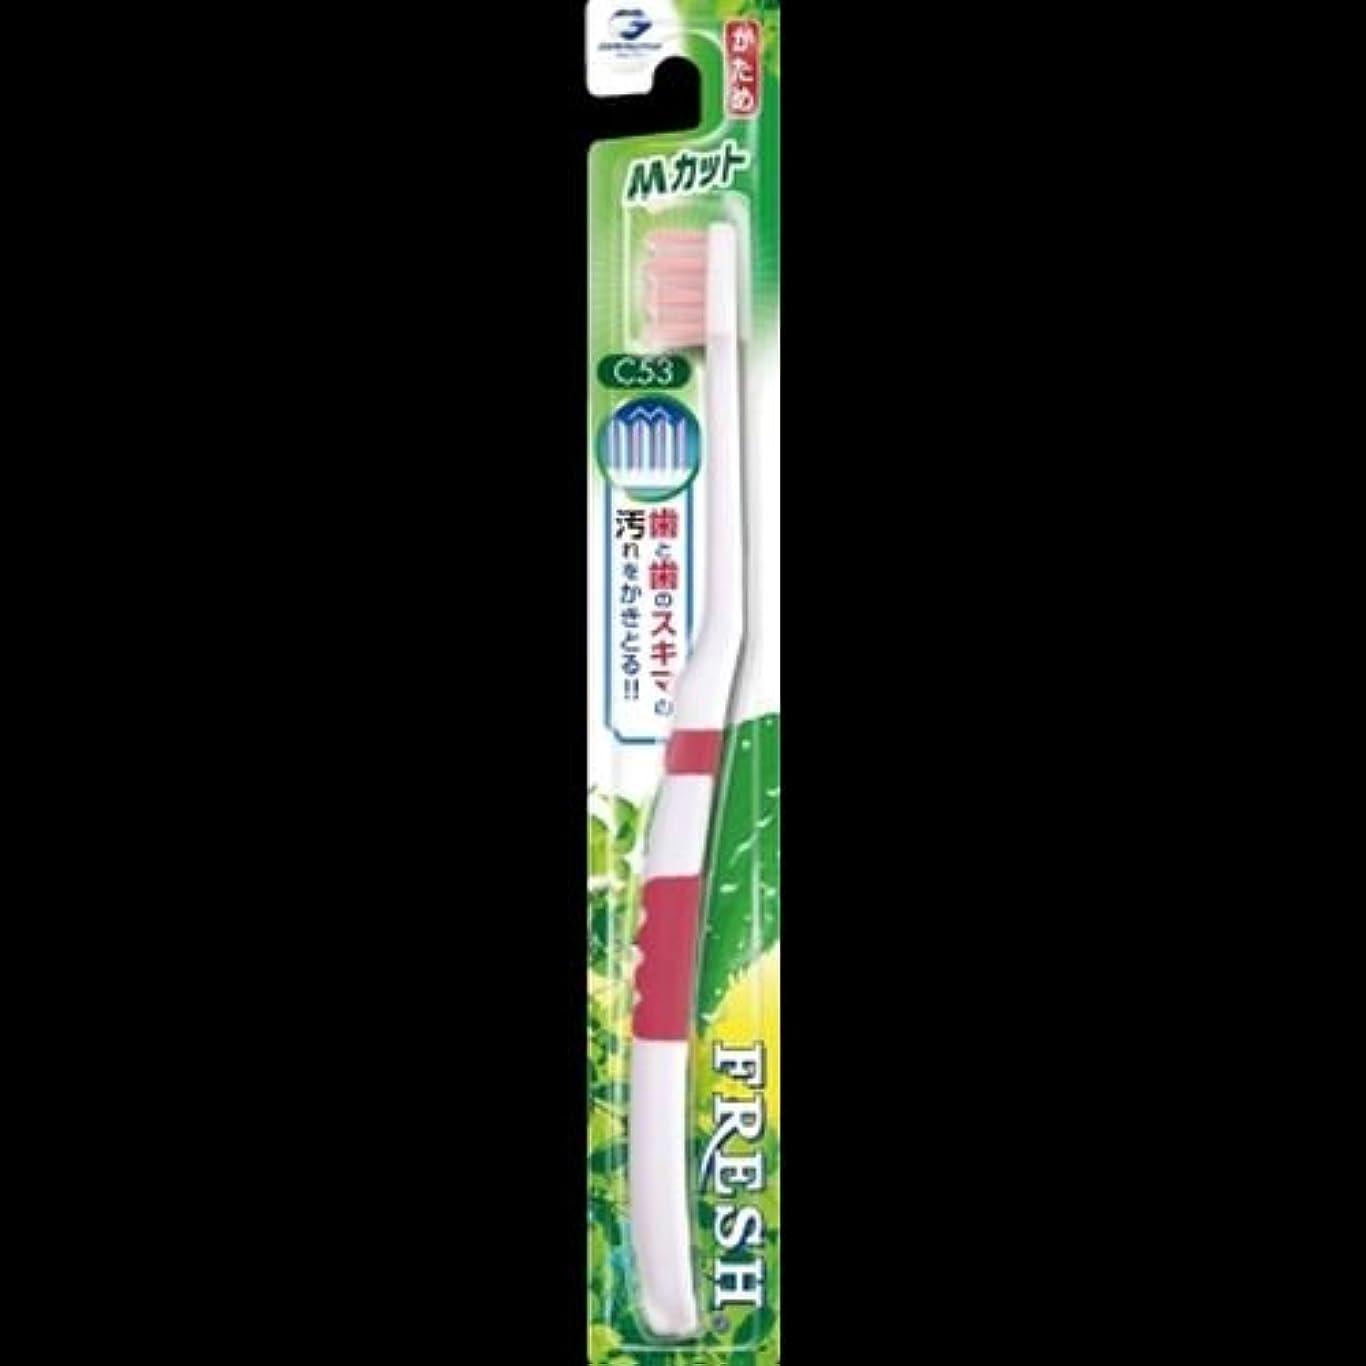 チェリーシンポジウム儀式フレッシュ ハブラシ3 Mカット かため アソート(ホワイト&ブルー?ホワイト&グリーン?ホワイト&ピンク?ホワイト&イエローのうち1色。色はおまかせ) ×2セット